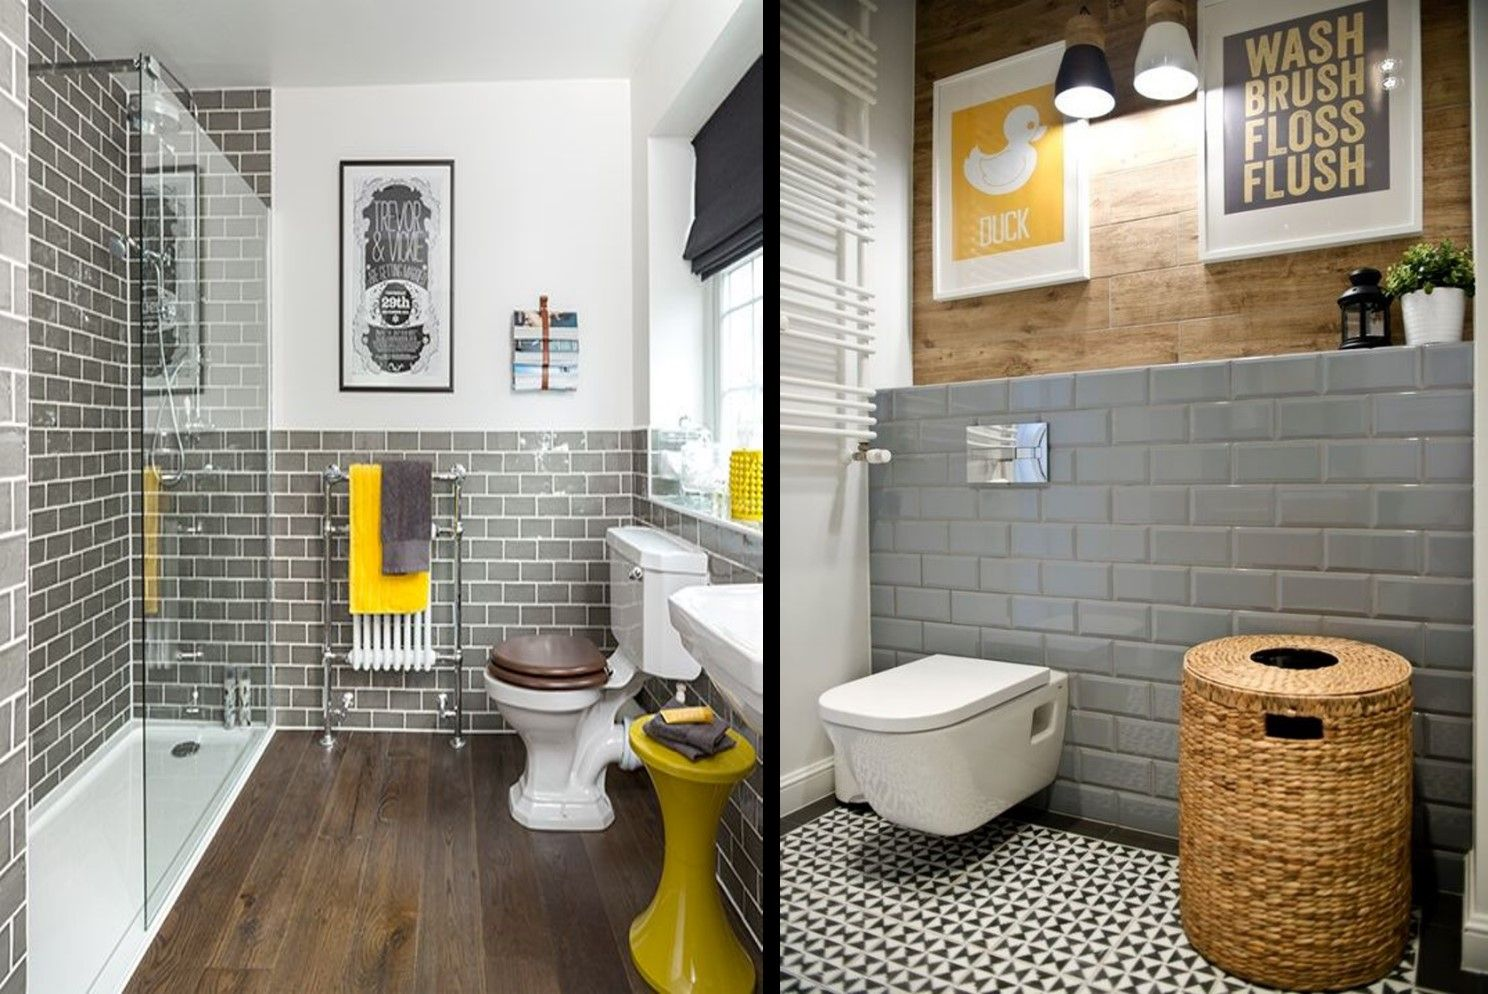 Azulejo metro 08 banheiros pinterest azulejos - Azulejo de metro ...